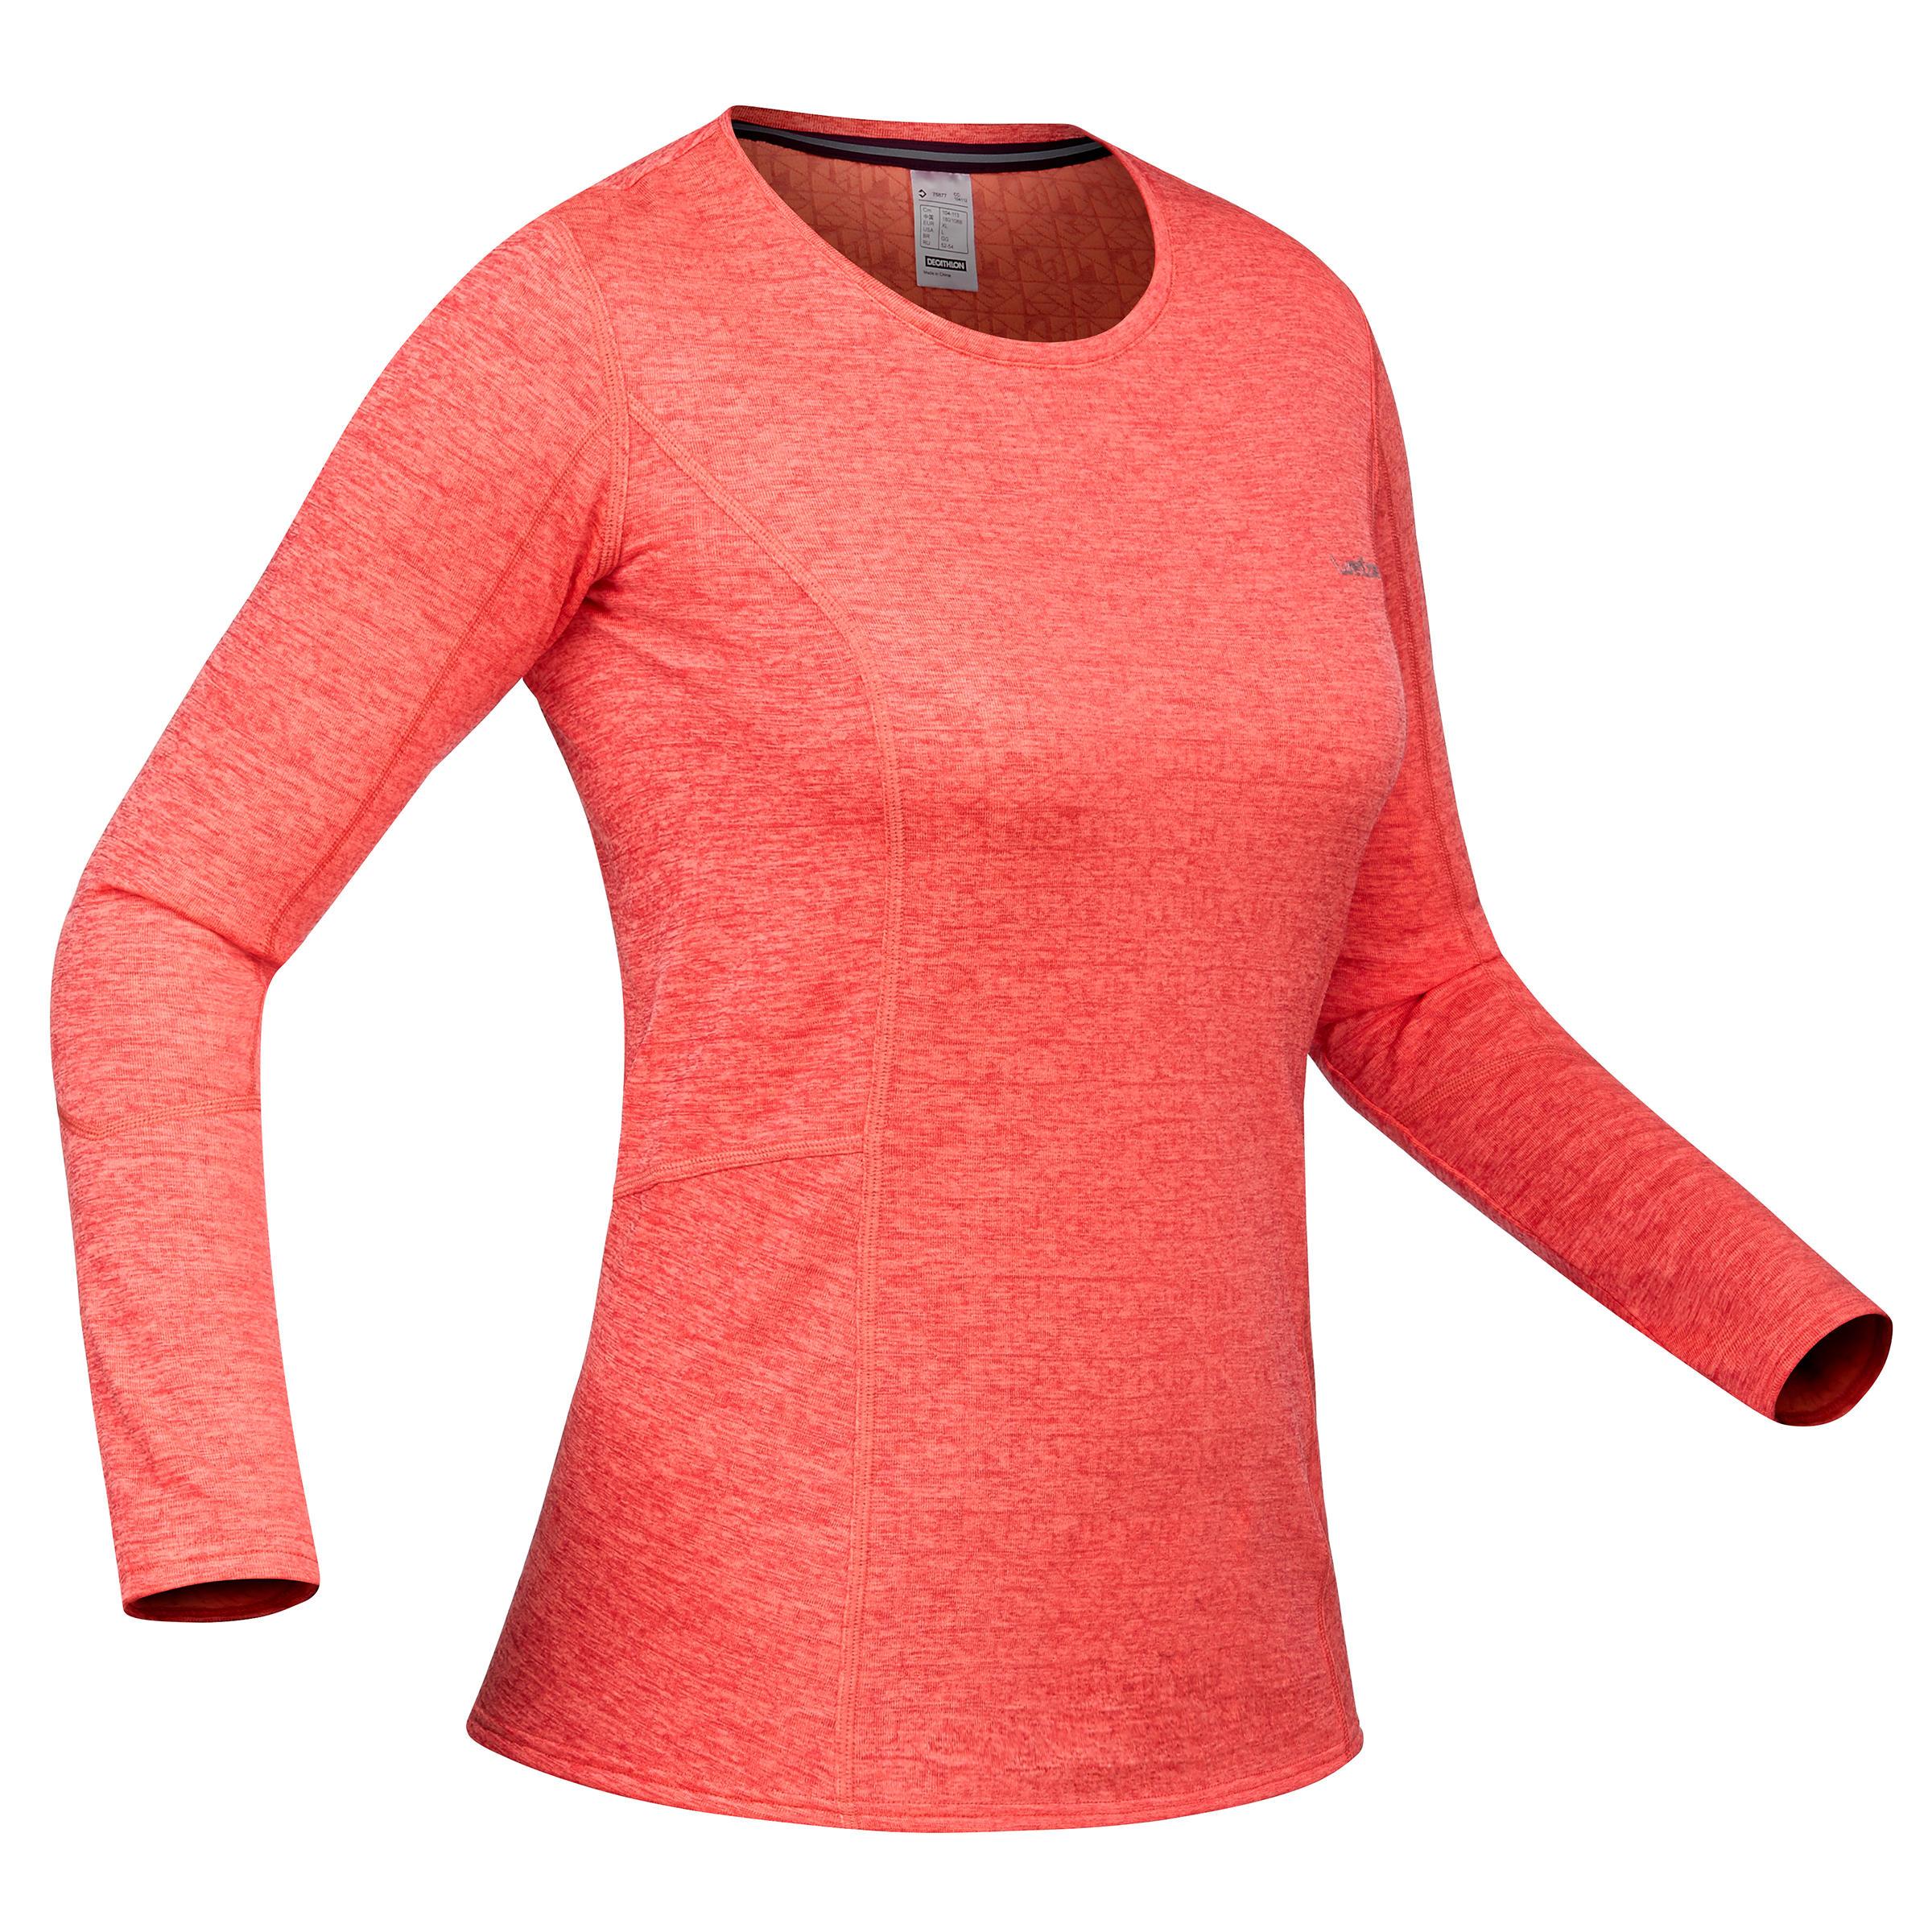 venta de descuento información para compra venta Comprar Ropa Térmica de Mujer Online   Decathlon